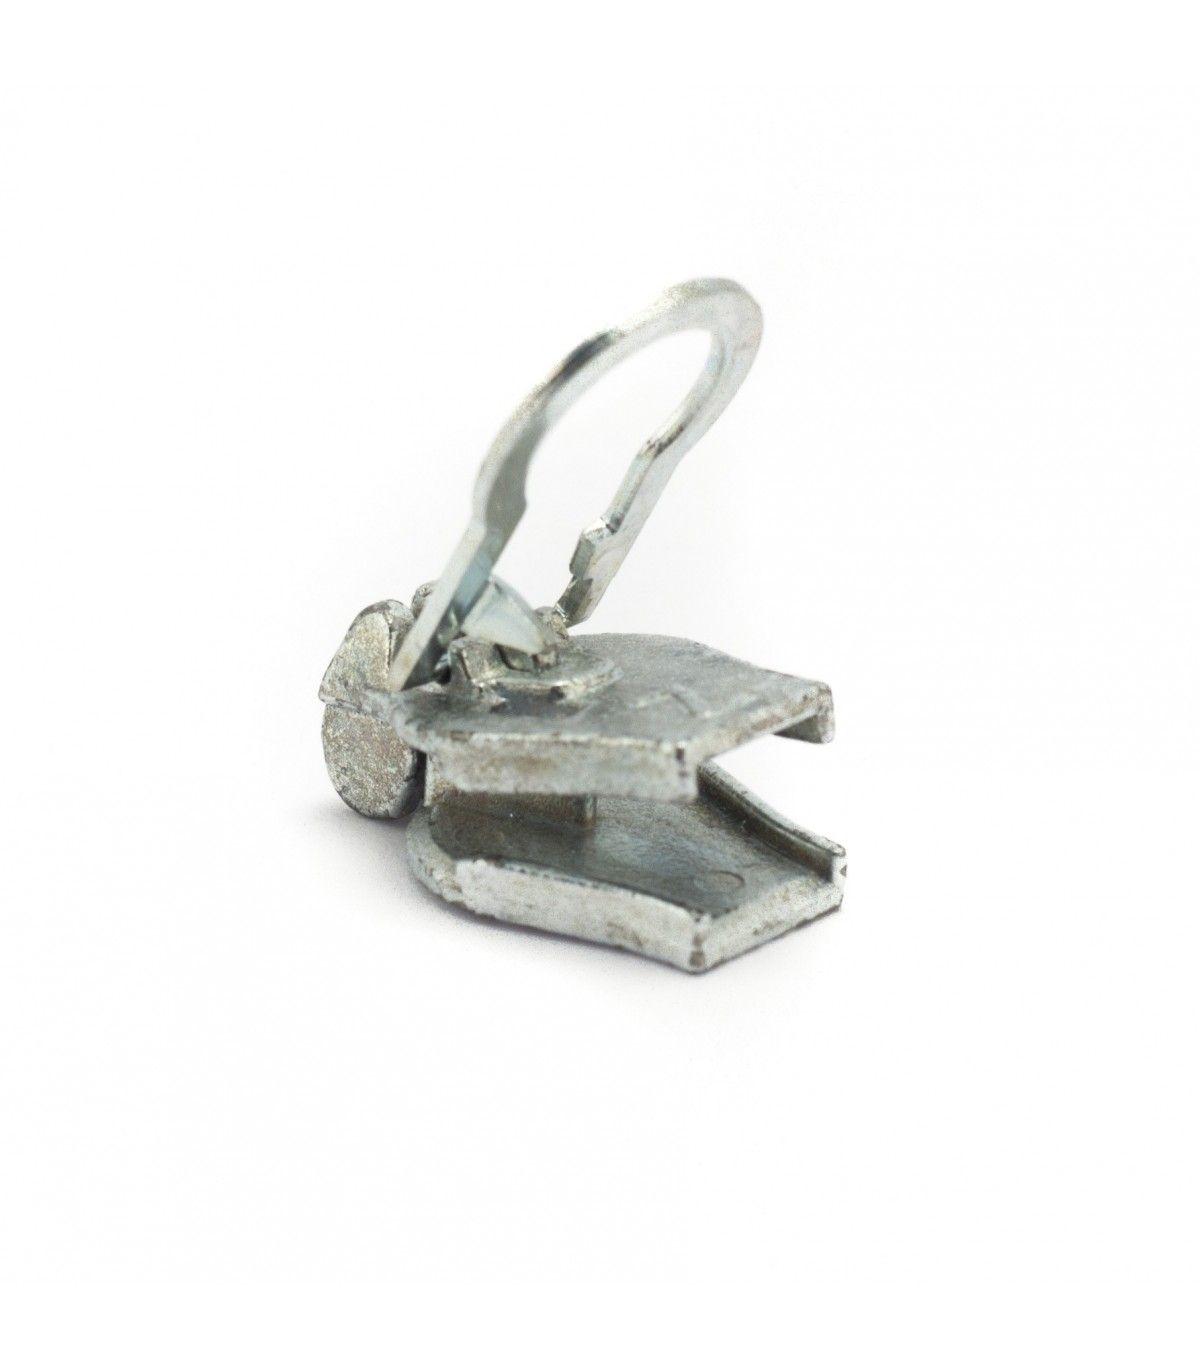 Curseur Clipsable De Remplacement Pour Fermetures Metal Clip Zip En 2020 Curseurs Metal Cote De Travail